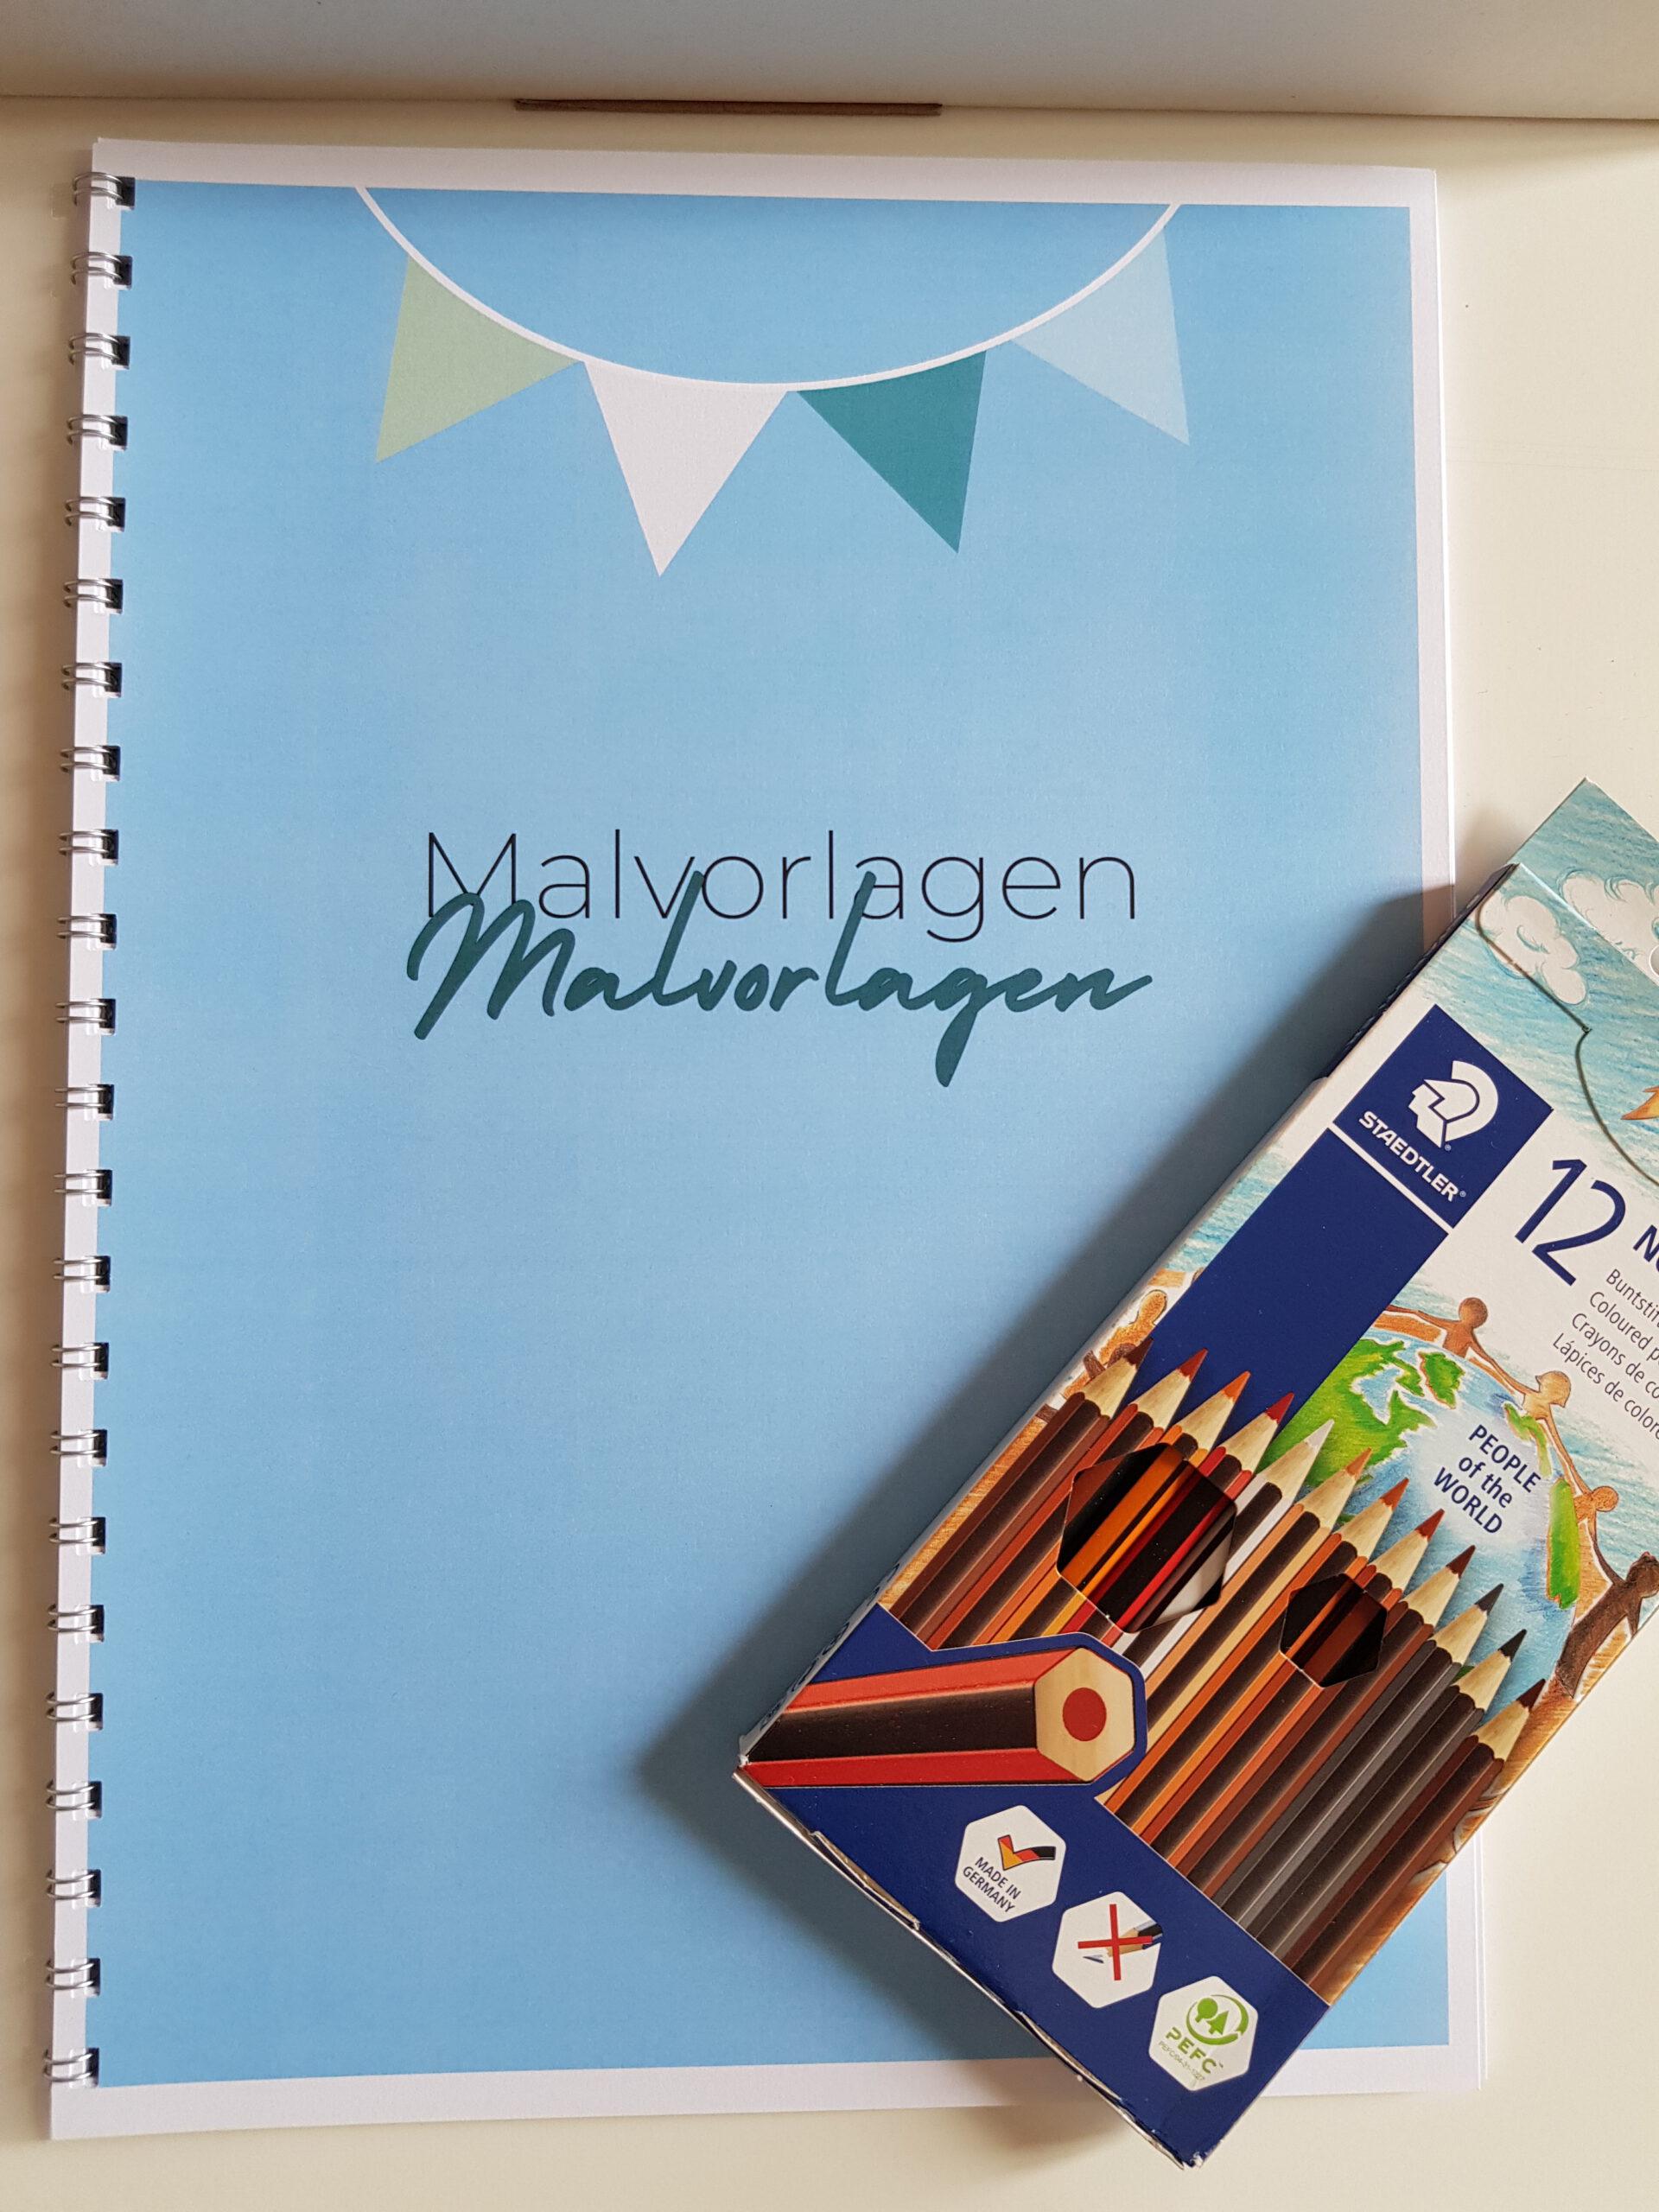 """Das Bild zeigt das Deckblatt der Malvorlagen. Auf blauer Farbe steht """"Malvorlagen"""" geschrieben. Darüber ist eine bunte Girlande abgebildet. Neben dem Deckblatt liegen Hautfarben-Buntstifte. © Servicestelle Jugendbeteiligung e.V., 2021"""